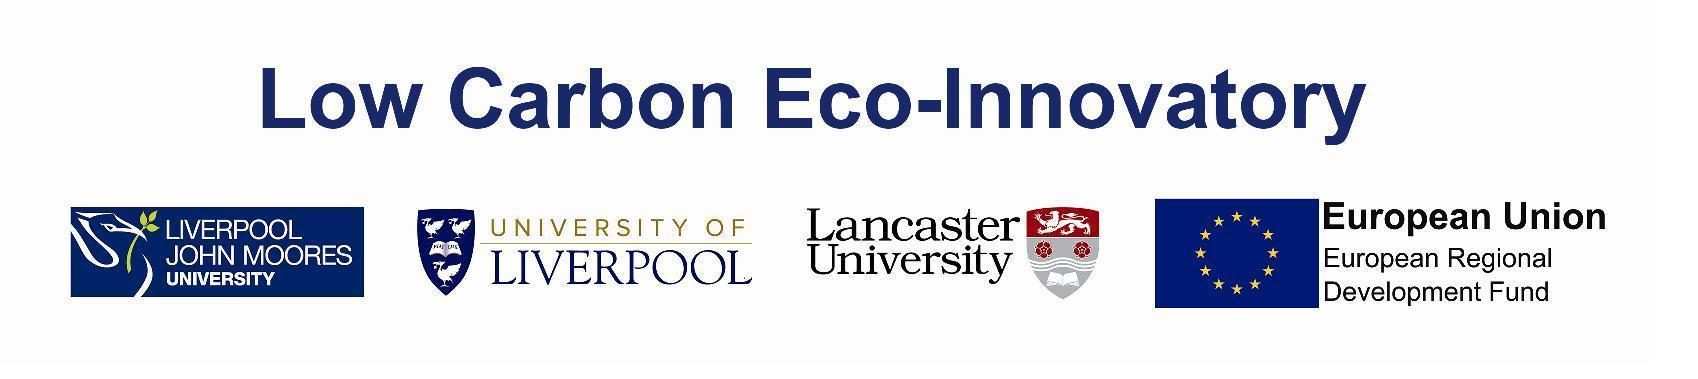 Low-Carbon-Eco-Innovatory-logo